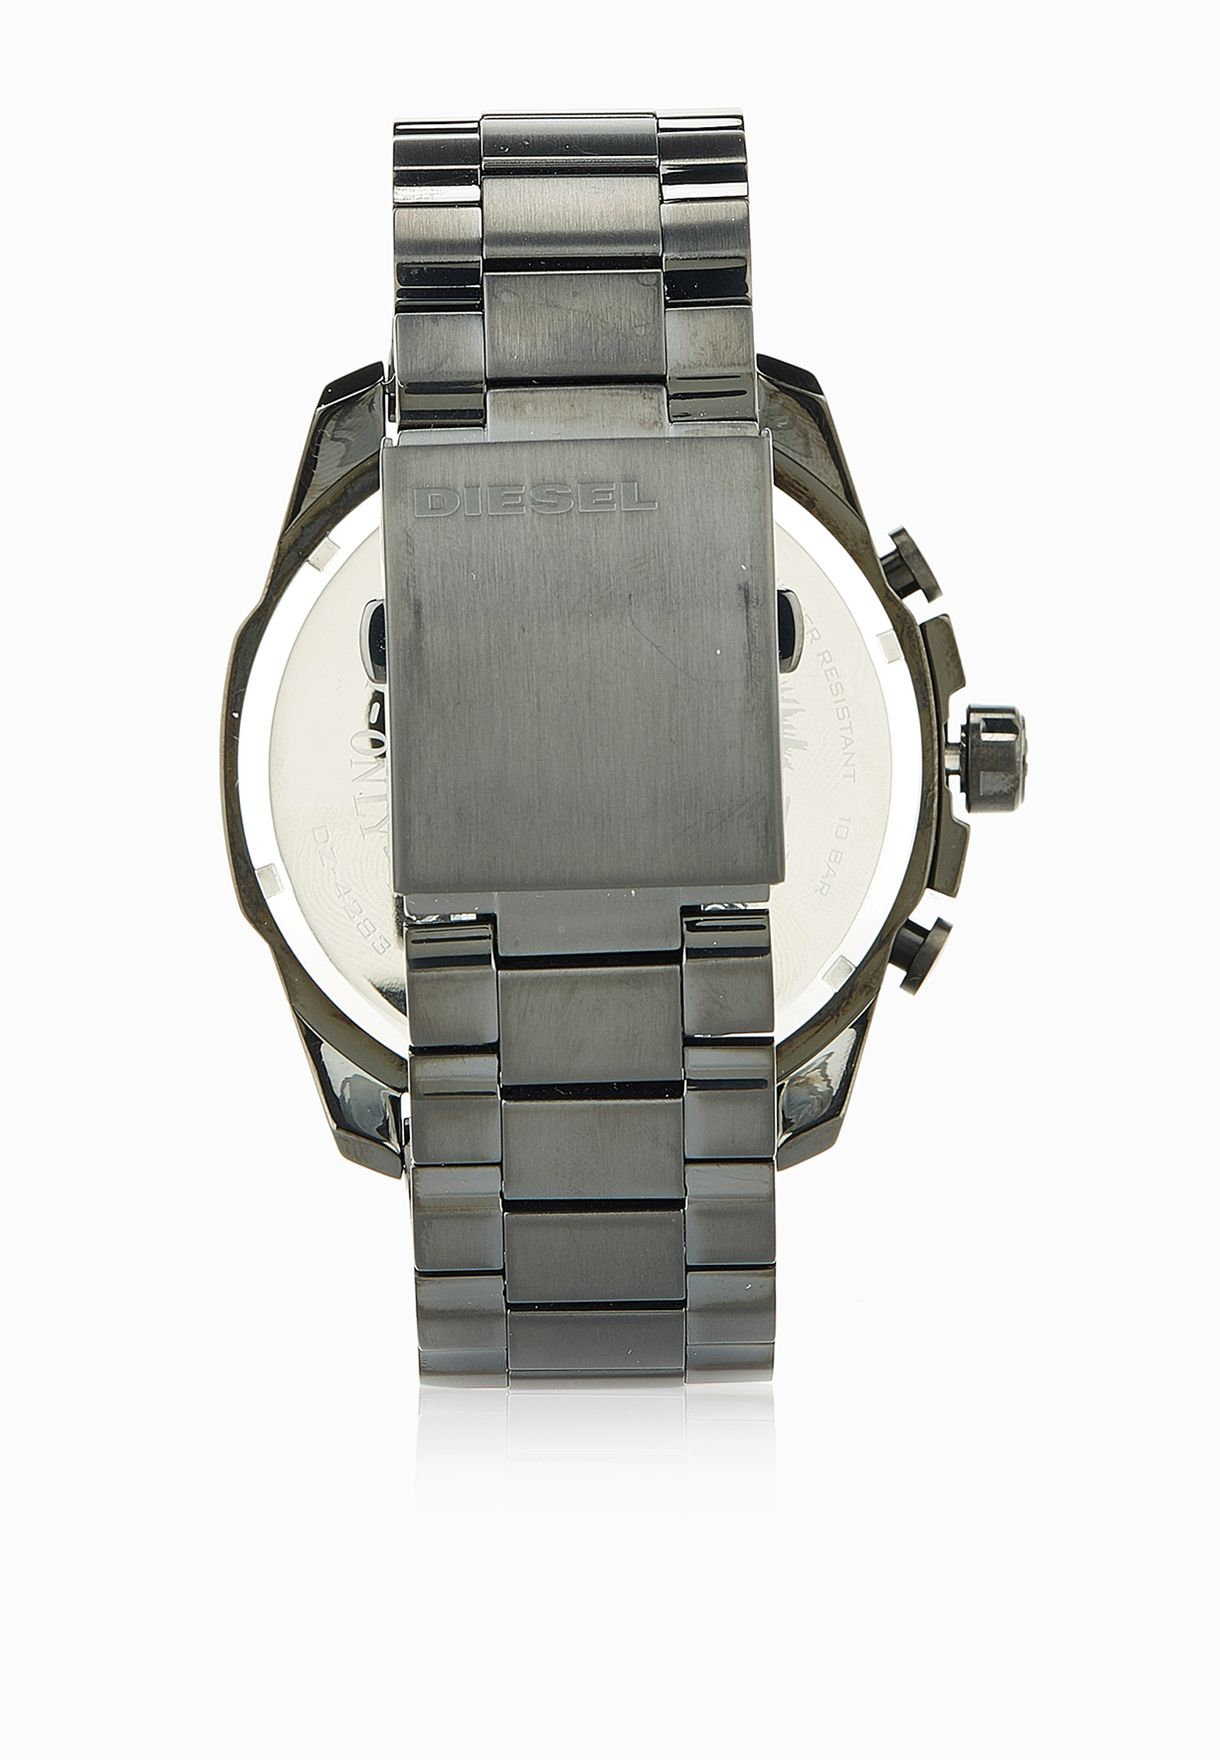 DZ4283 Chief Series Watch